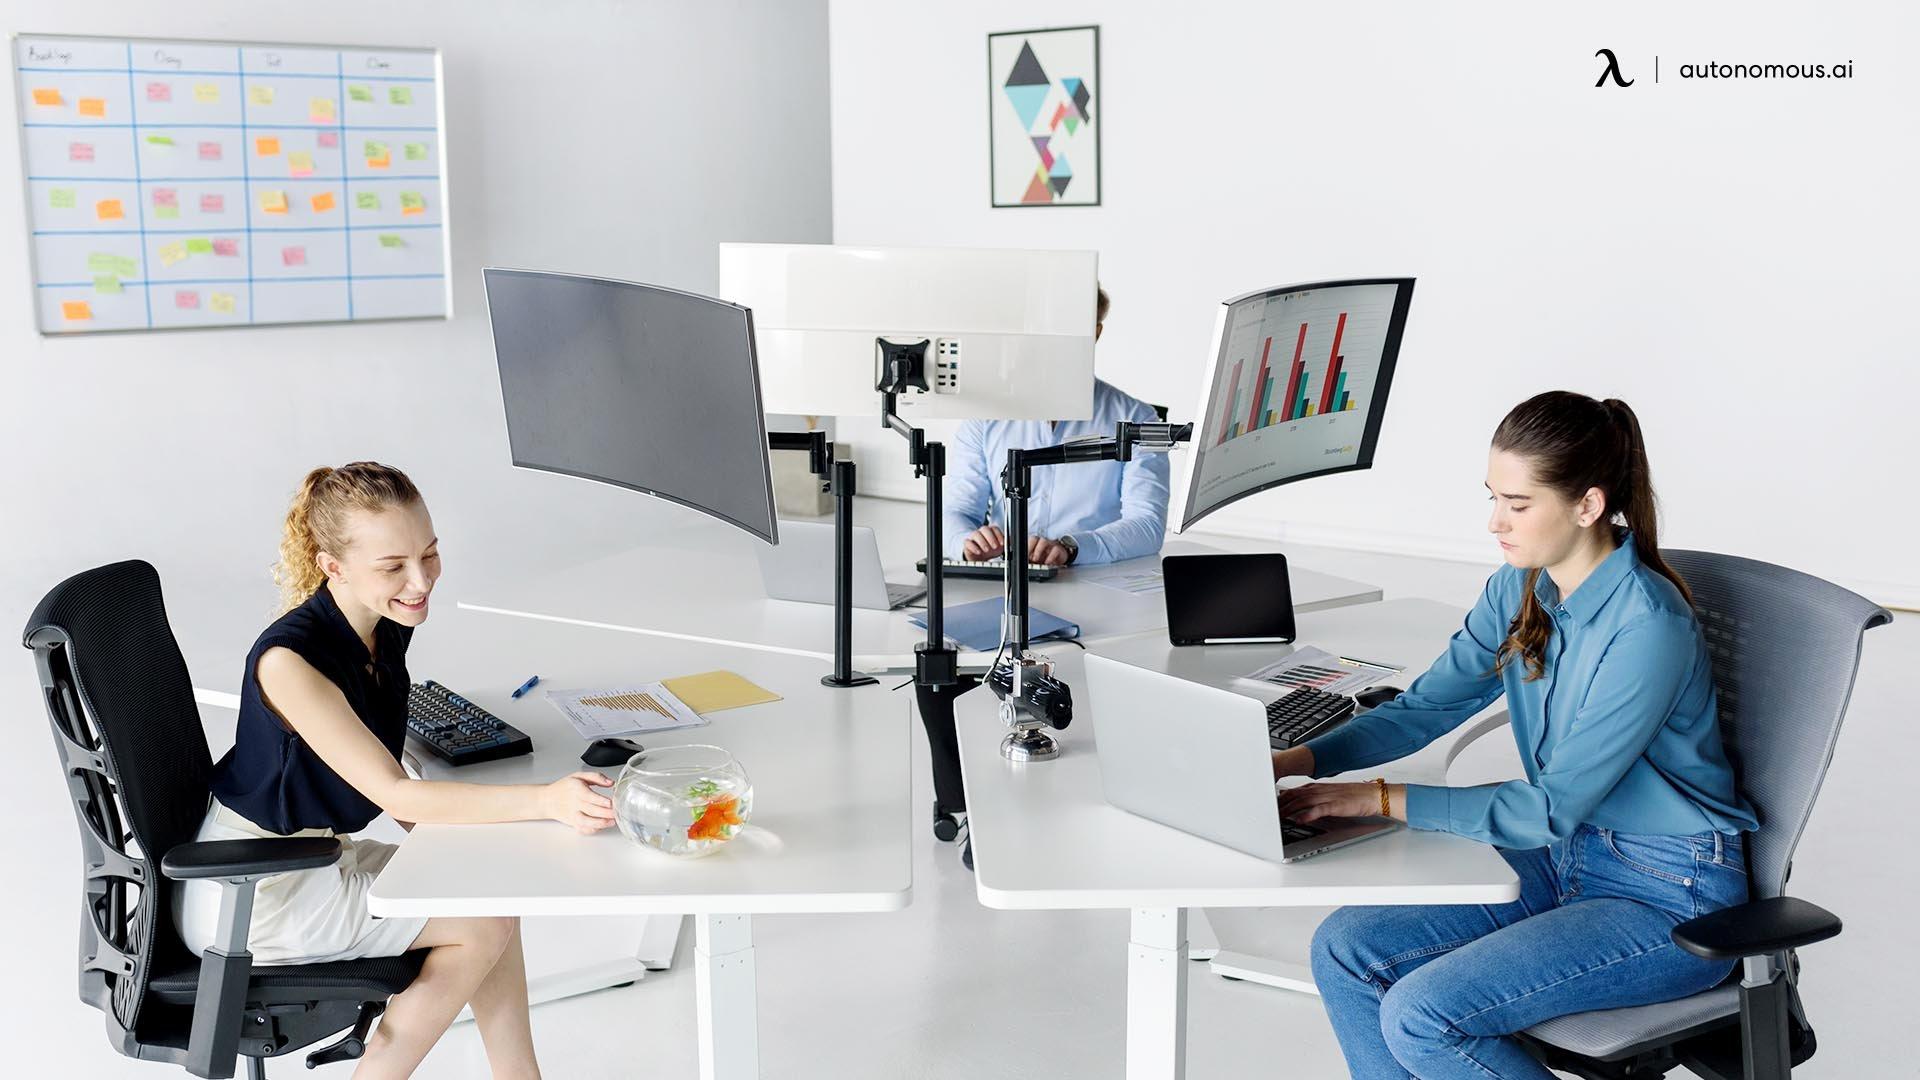 Flexible Work Arrangements Benefits